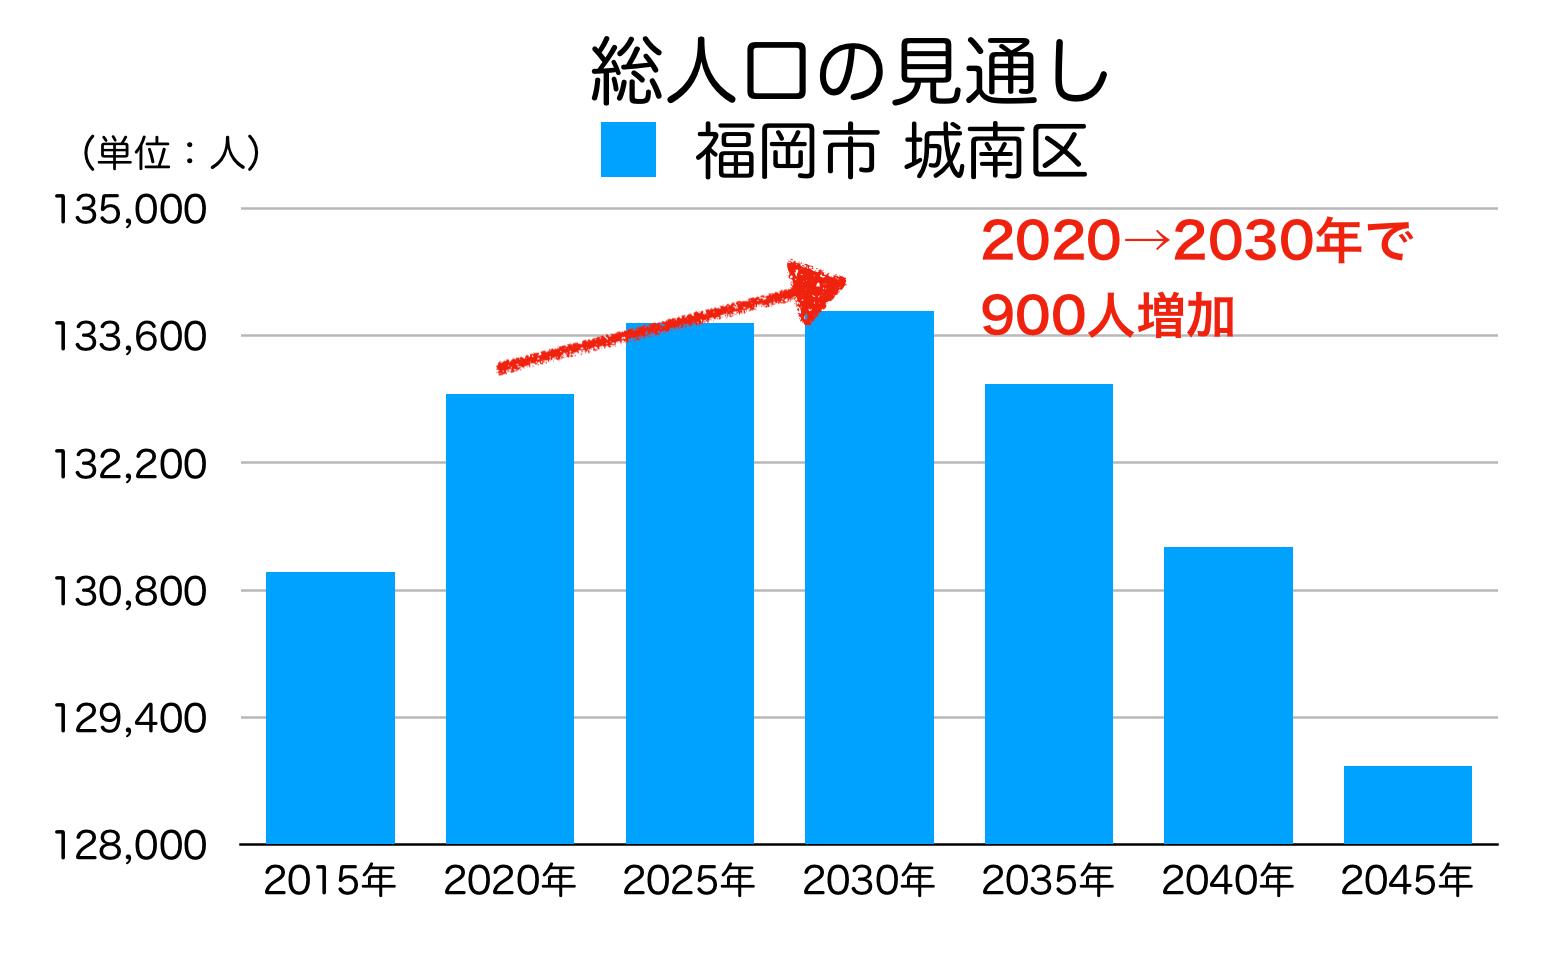 福岡市城南区の人口予測